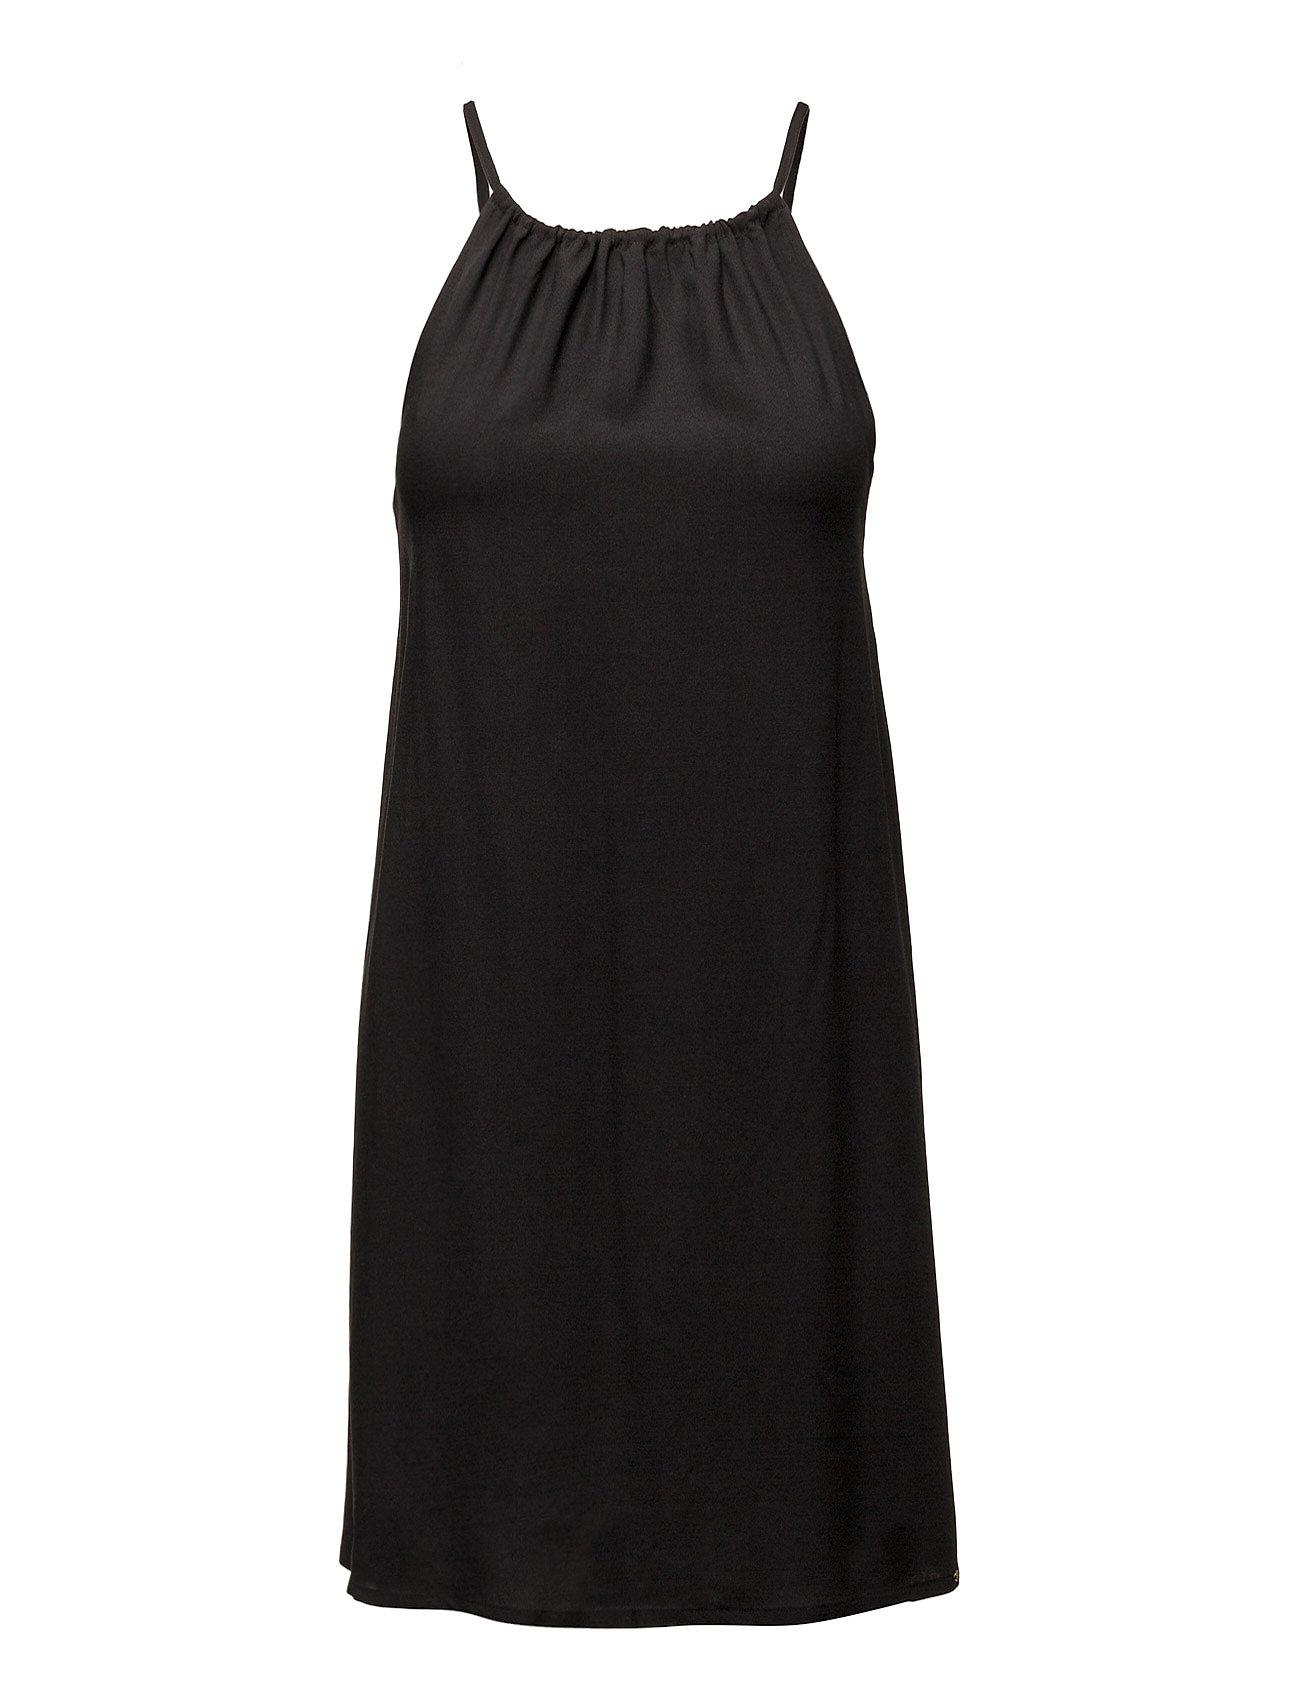 L. Dress Skiny Kjoler til Kvinder i